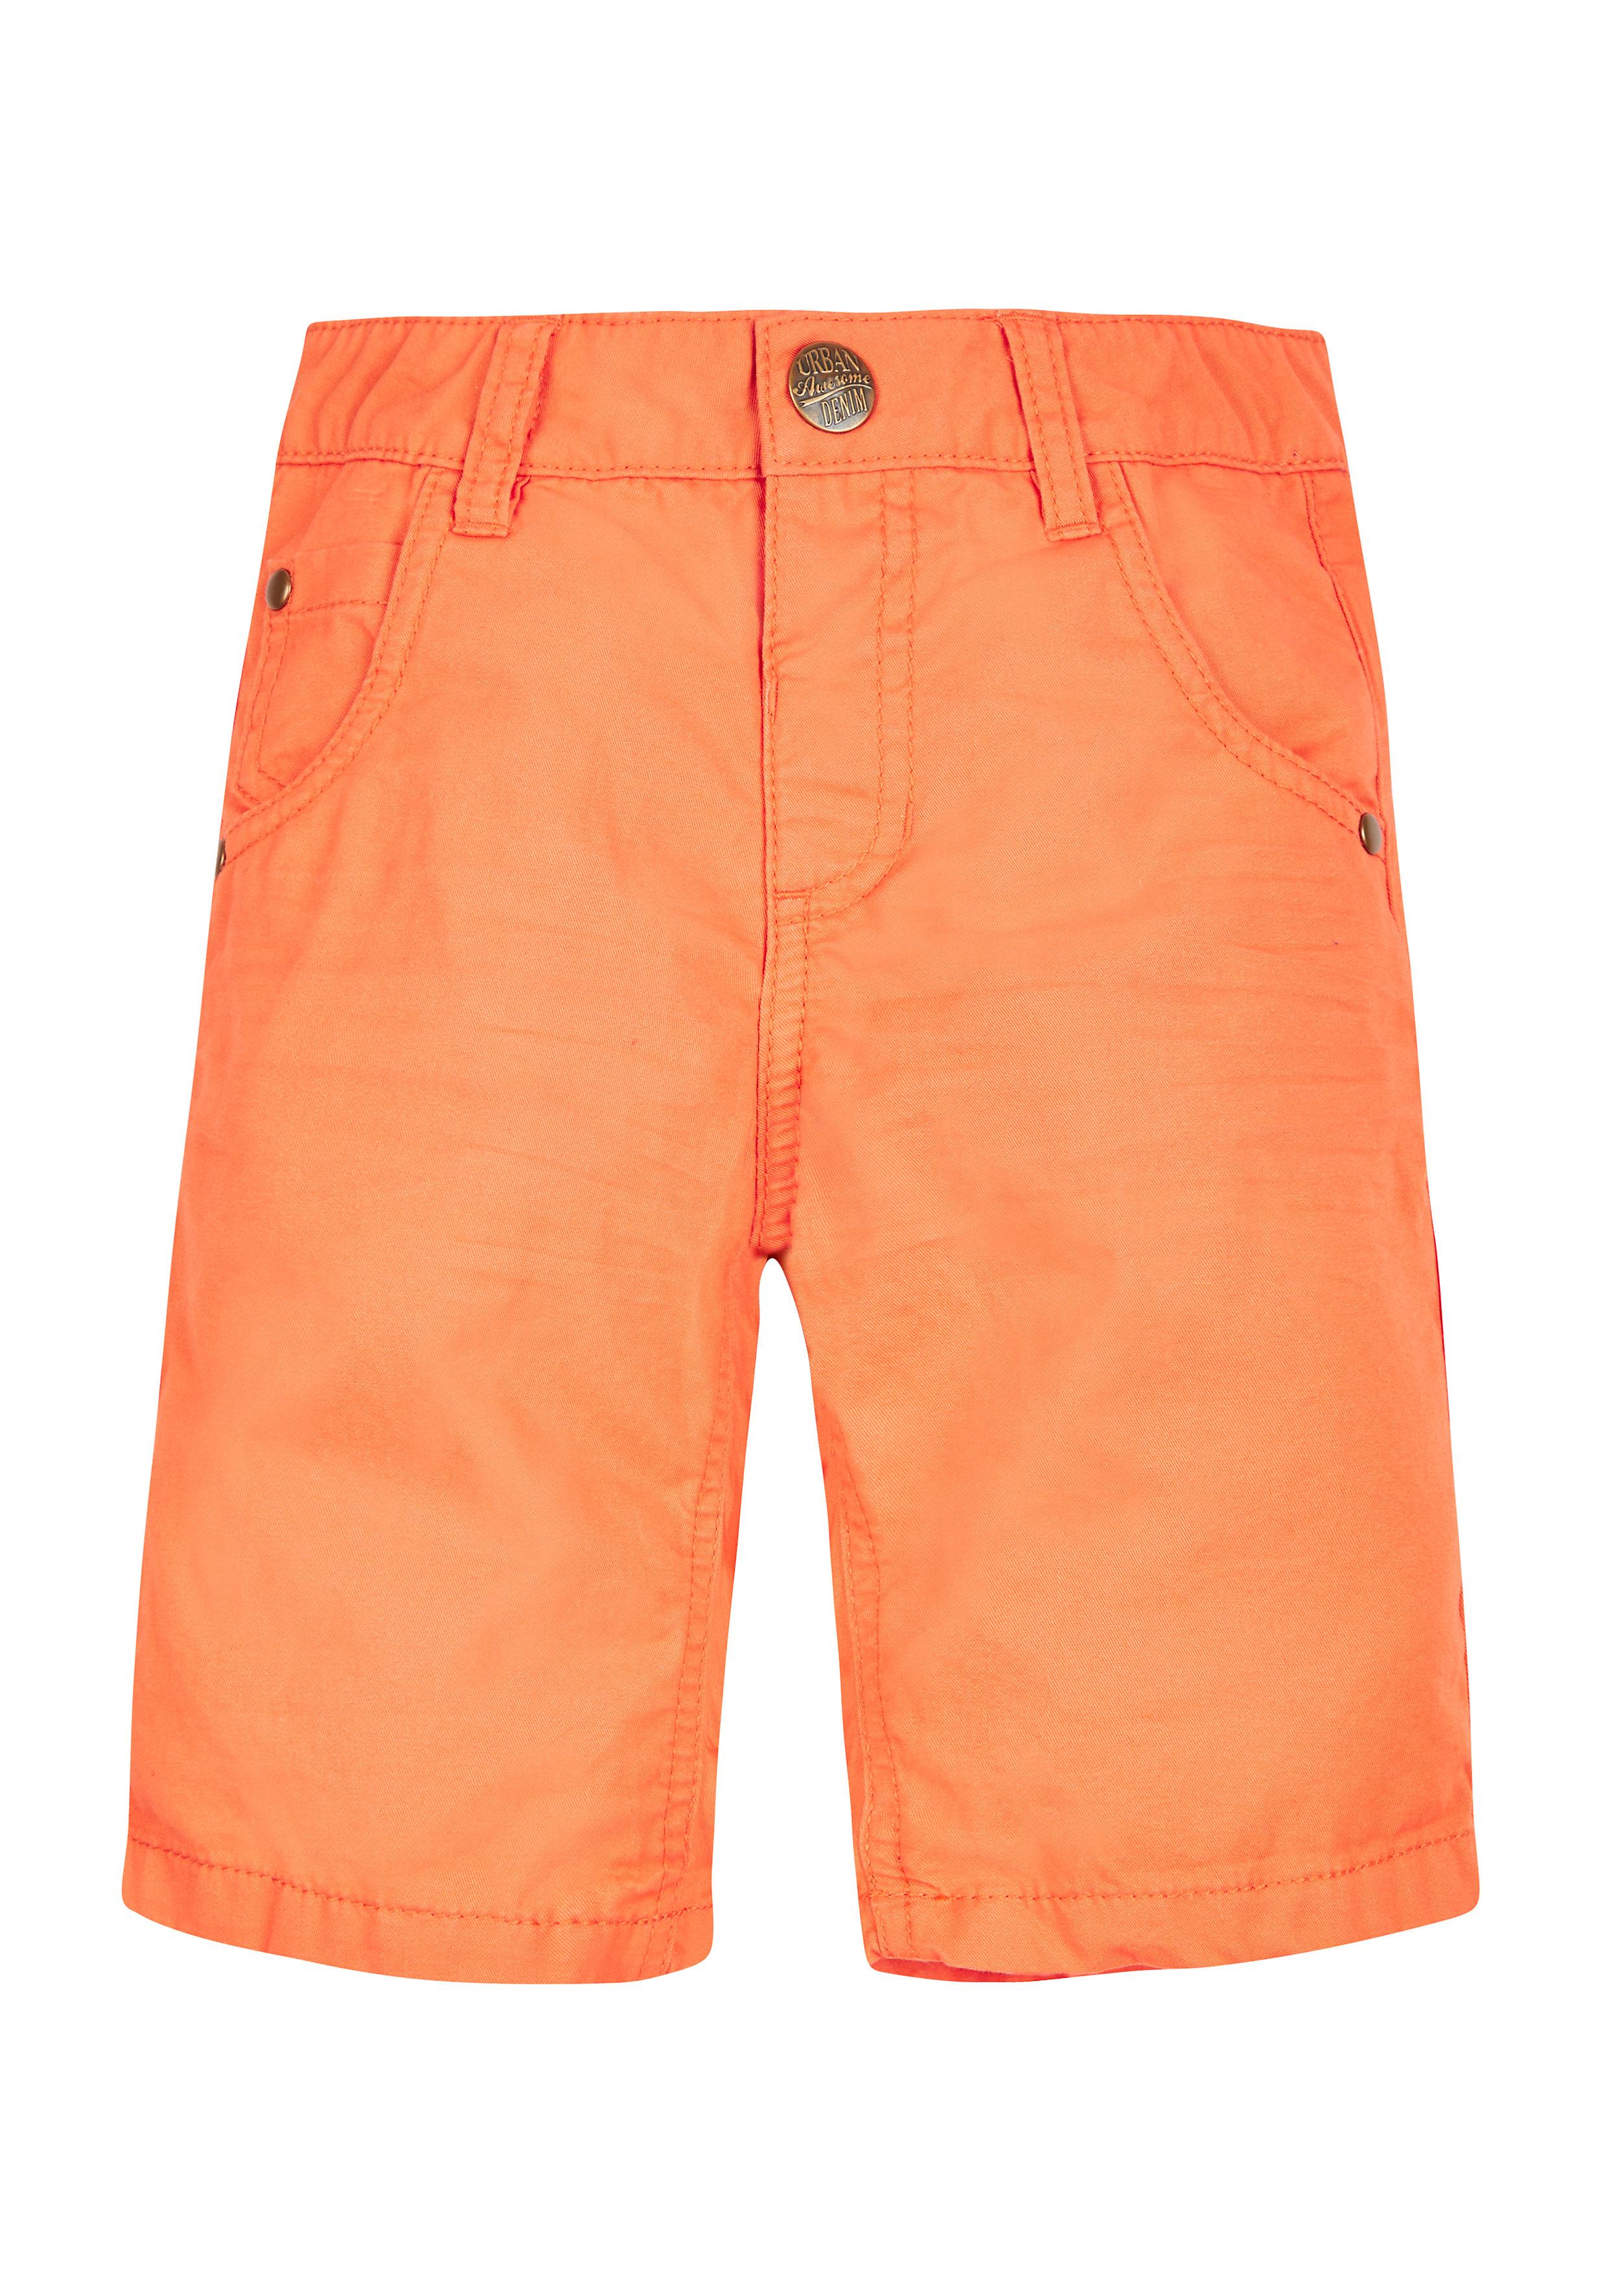 Mothercare   Boys Orange Shorts